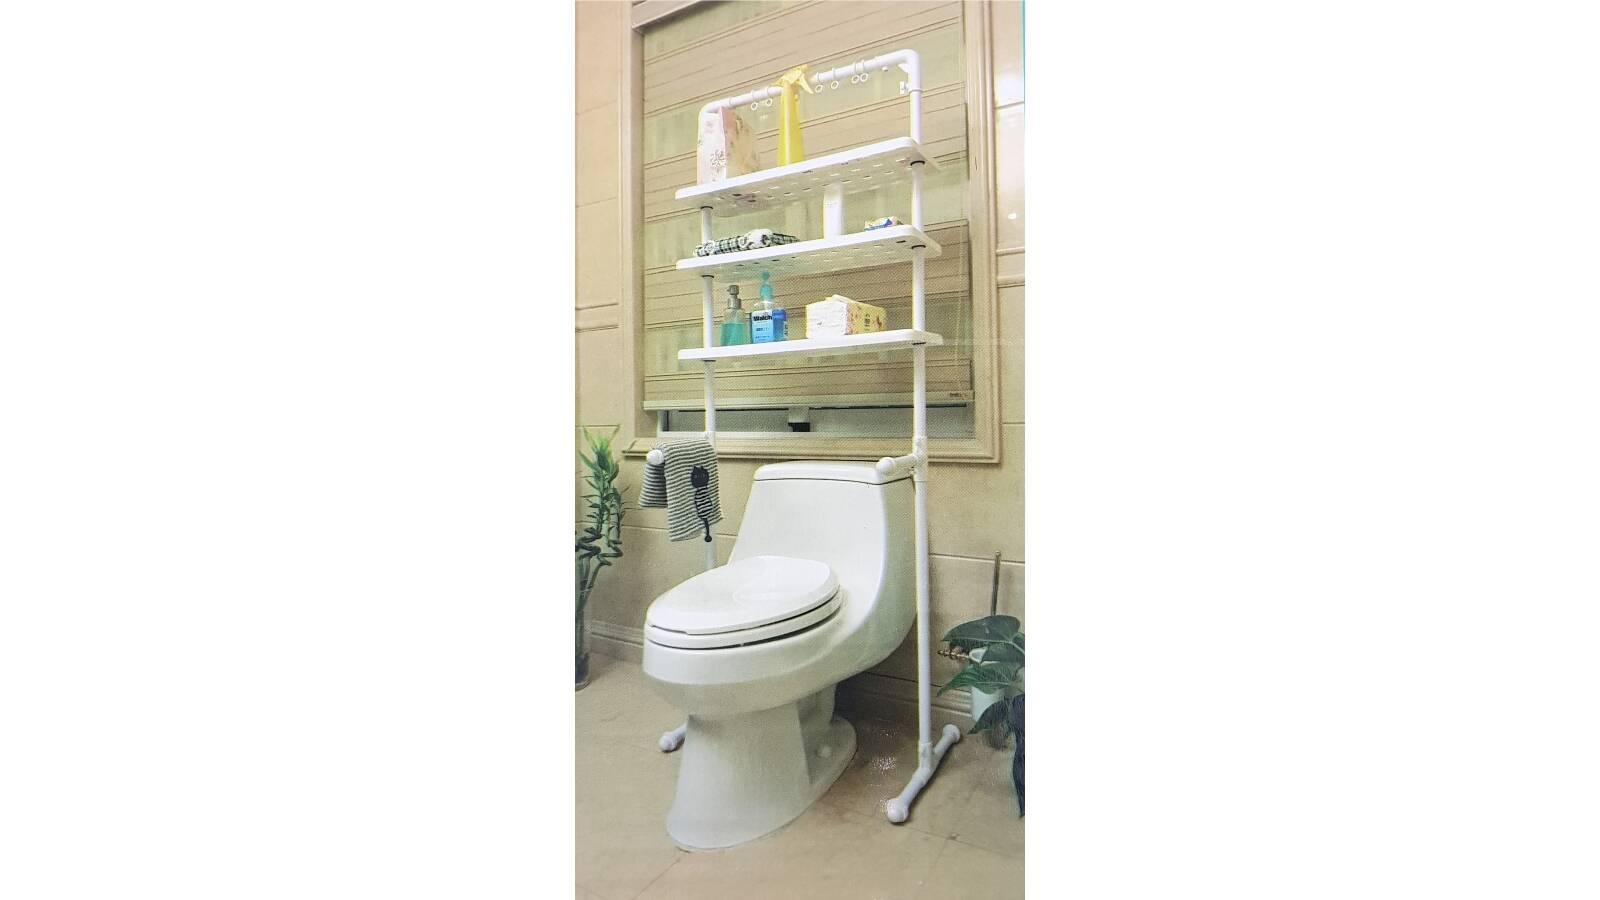 Estanteria sobre inodoro WC - mueble rack estantes baño